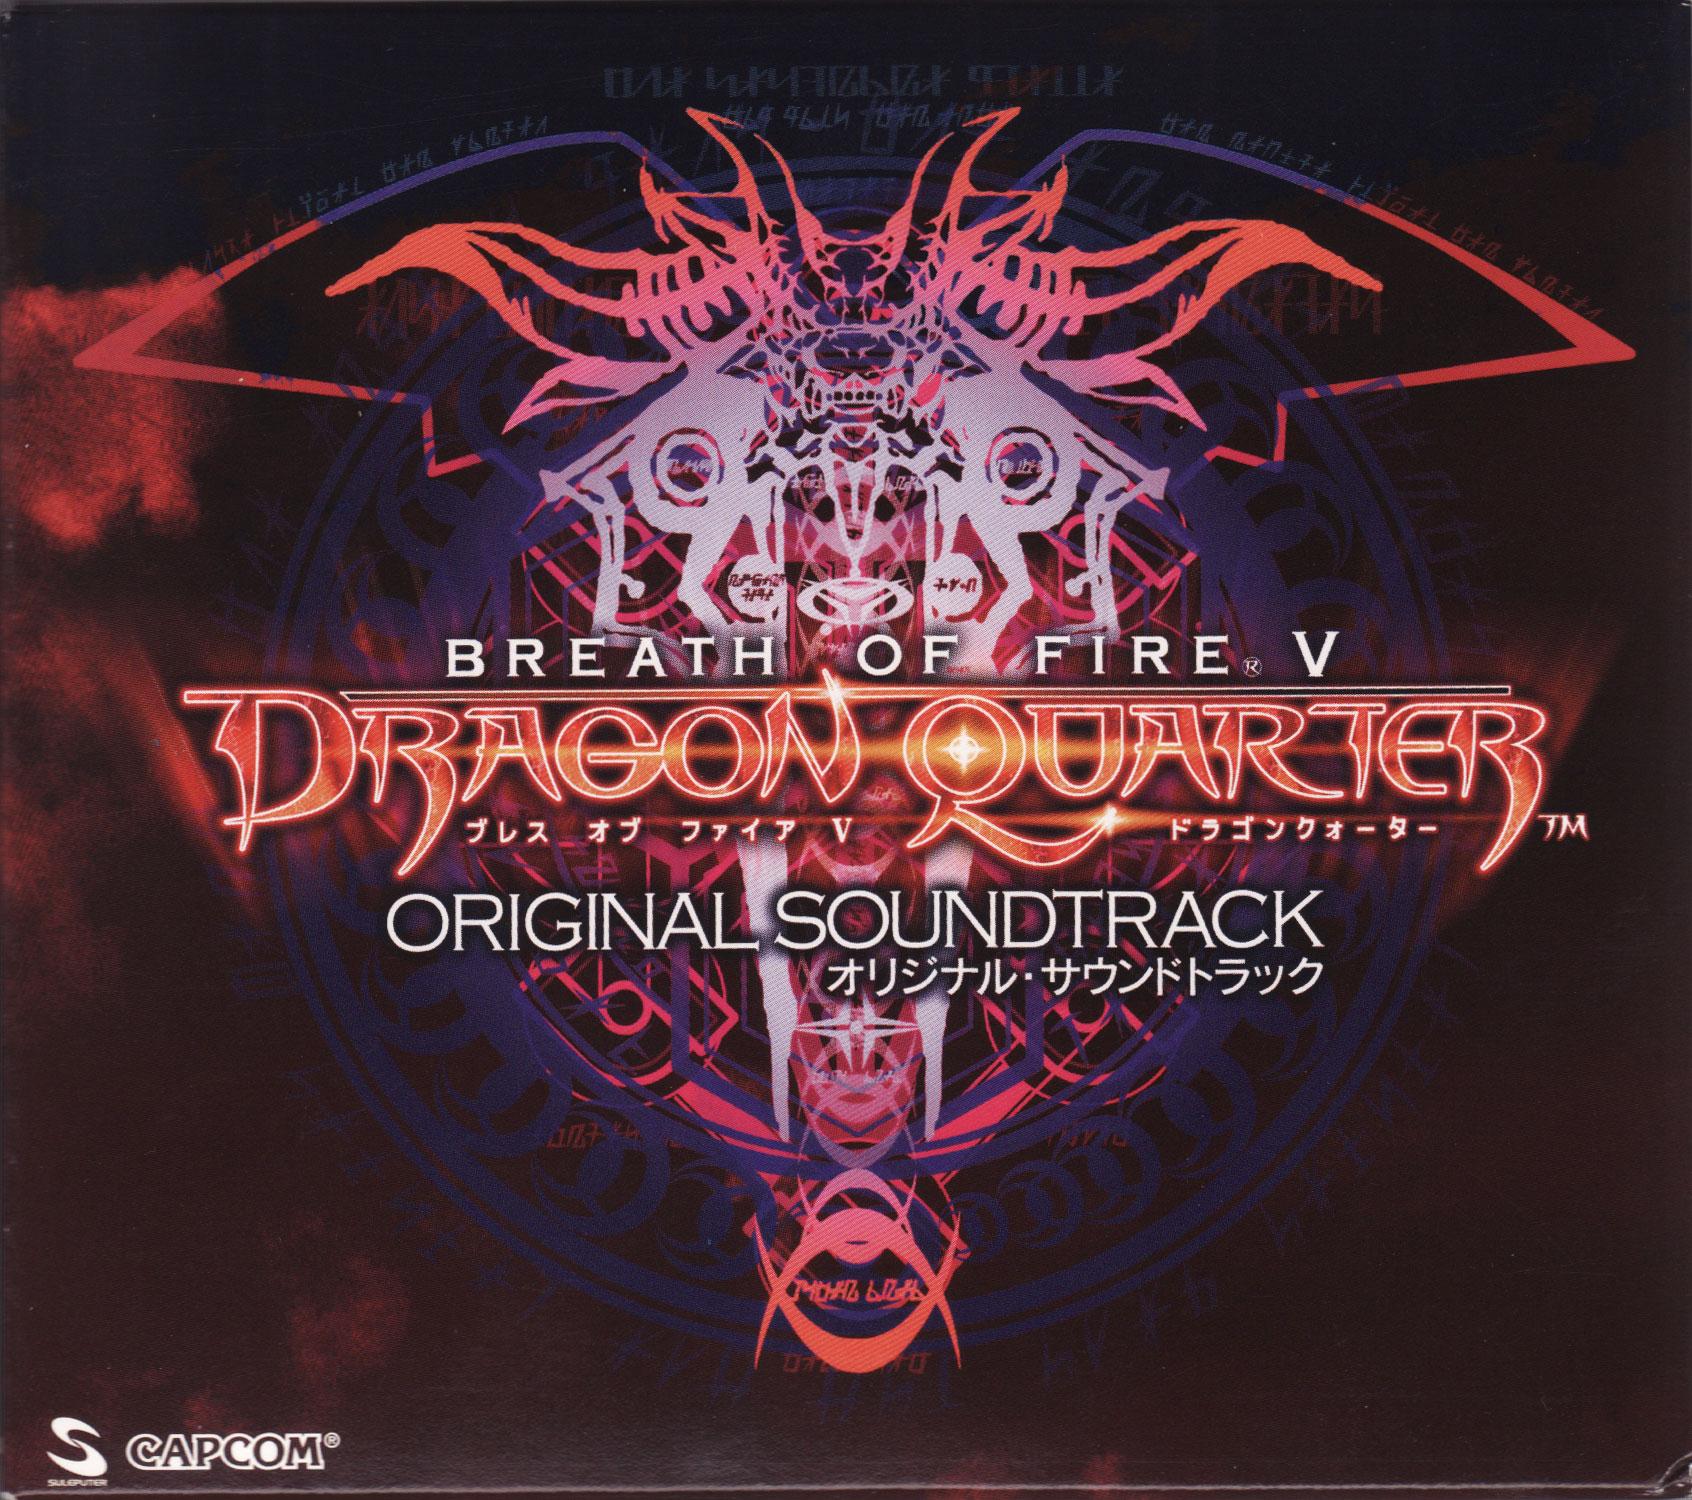 Breath Of Fire V Dragon Quarter Original Soundtrack Soundtrack From Breath Of Fire V Dragon